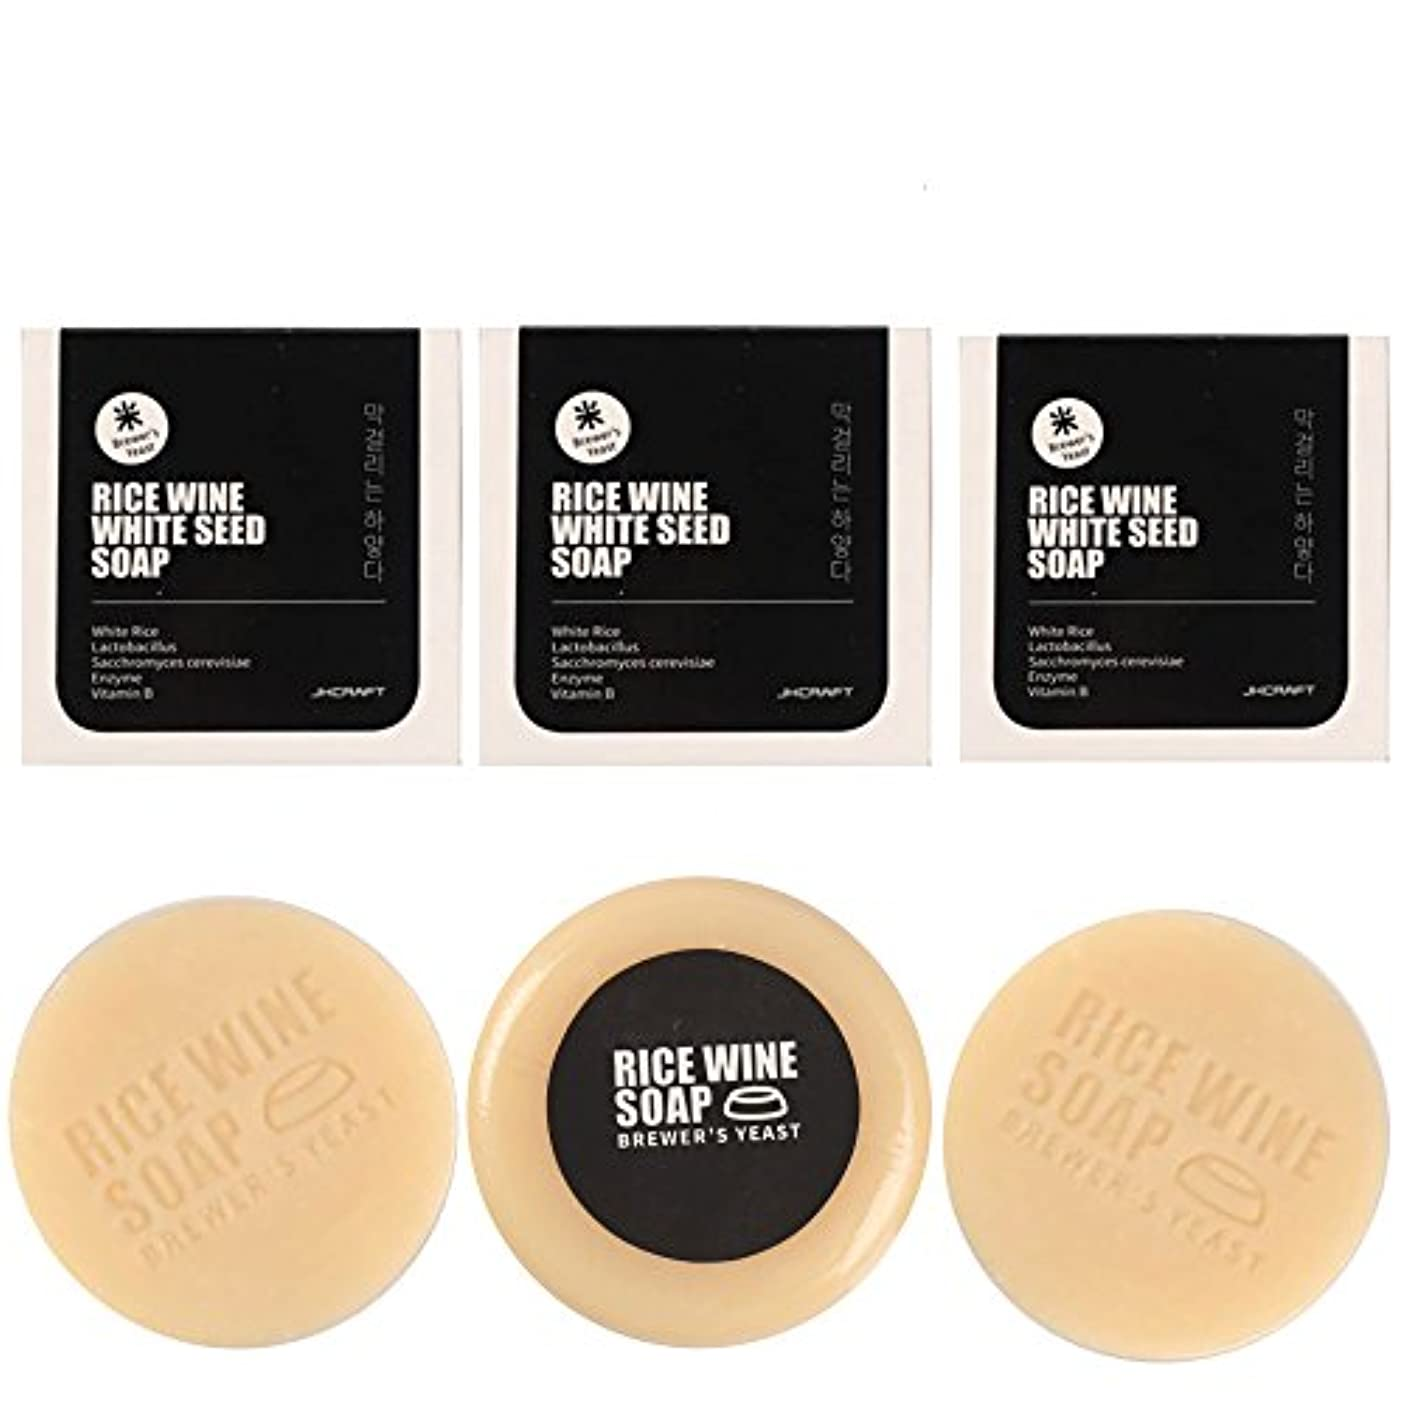 ドライバ苦いあからさまJKCRAFT RICEWINE WHITE SEED SOAP マッコリ酵母石鹸 3pcs [並行輸入品]マッコリ酵母石鹸,無添加,無刺激,天然洗顔石鹸